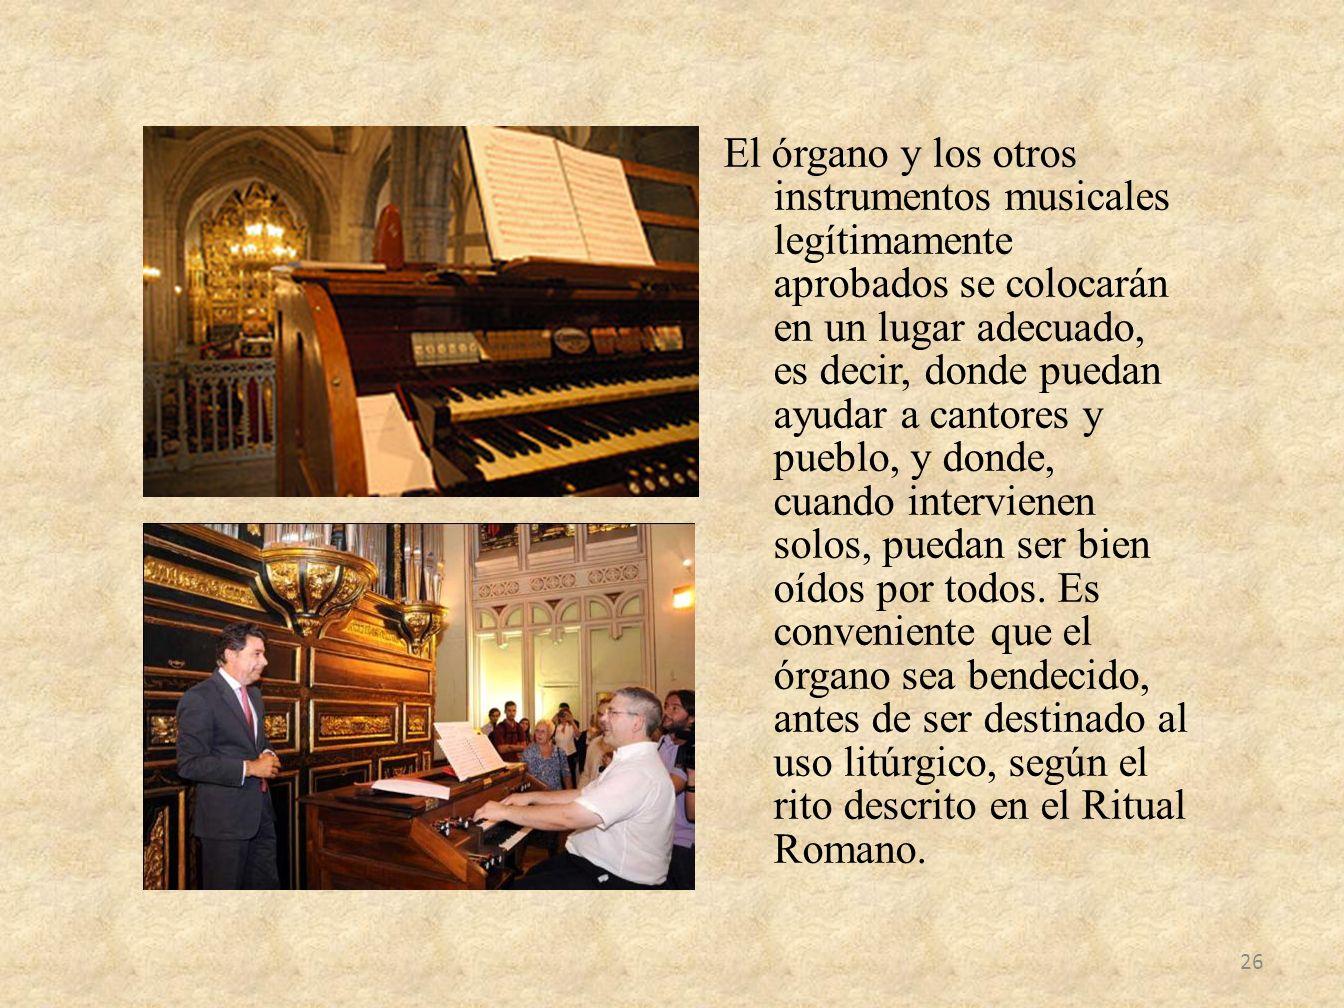 El órgano y los otros instrumentos musicales legítimamente aprobados se colocarán en un lugar adecuado, es decir, donde puedan ayudar a cantores y pue